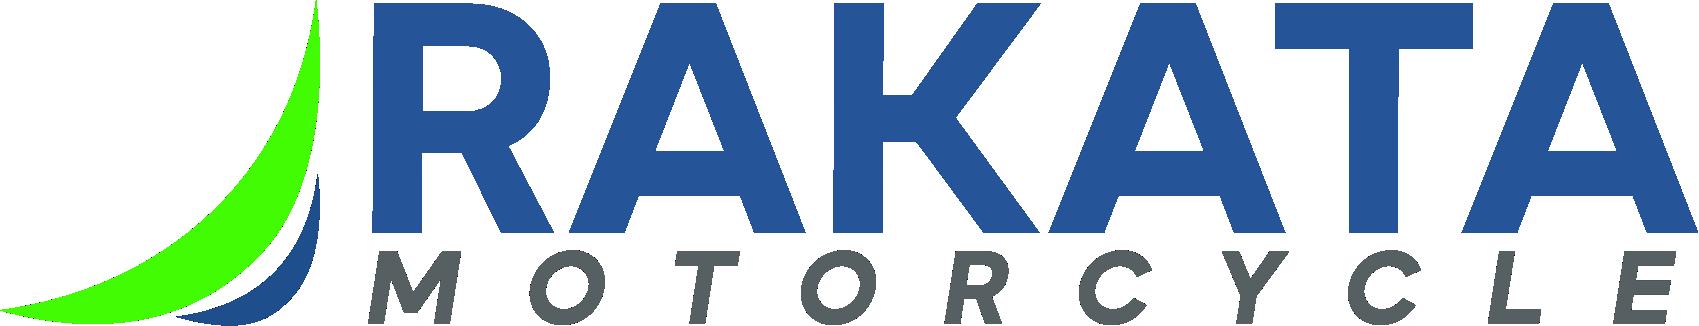 RakataMotorcycle